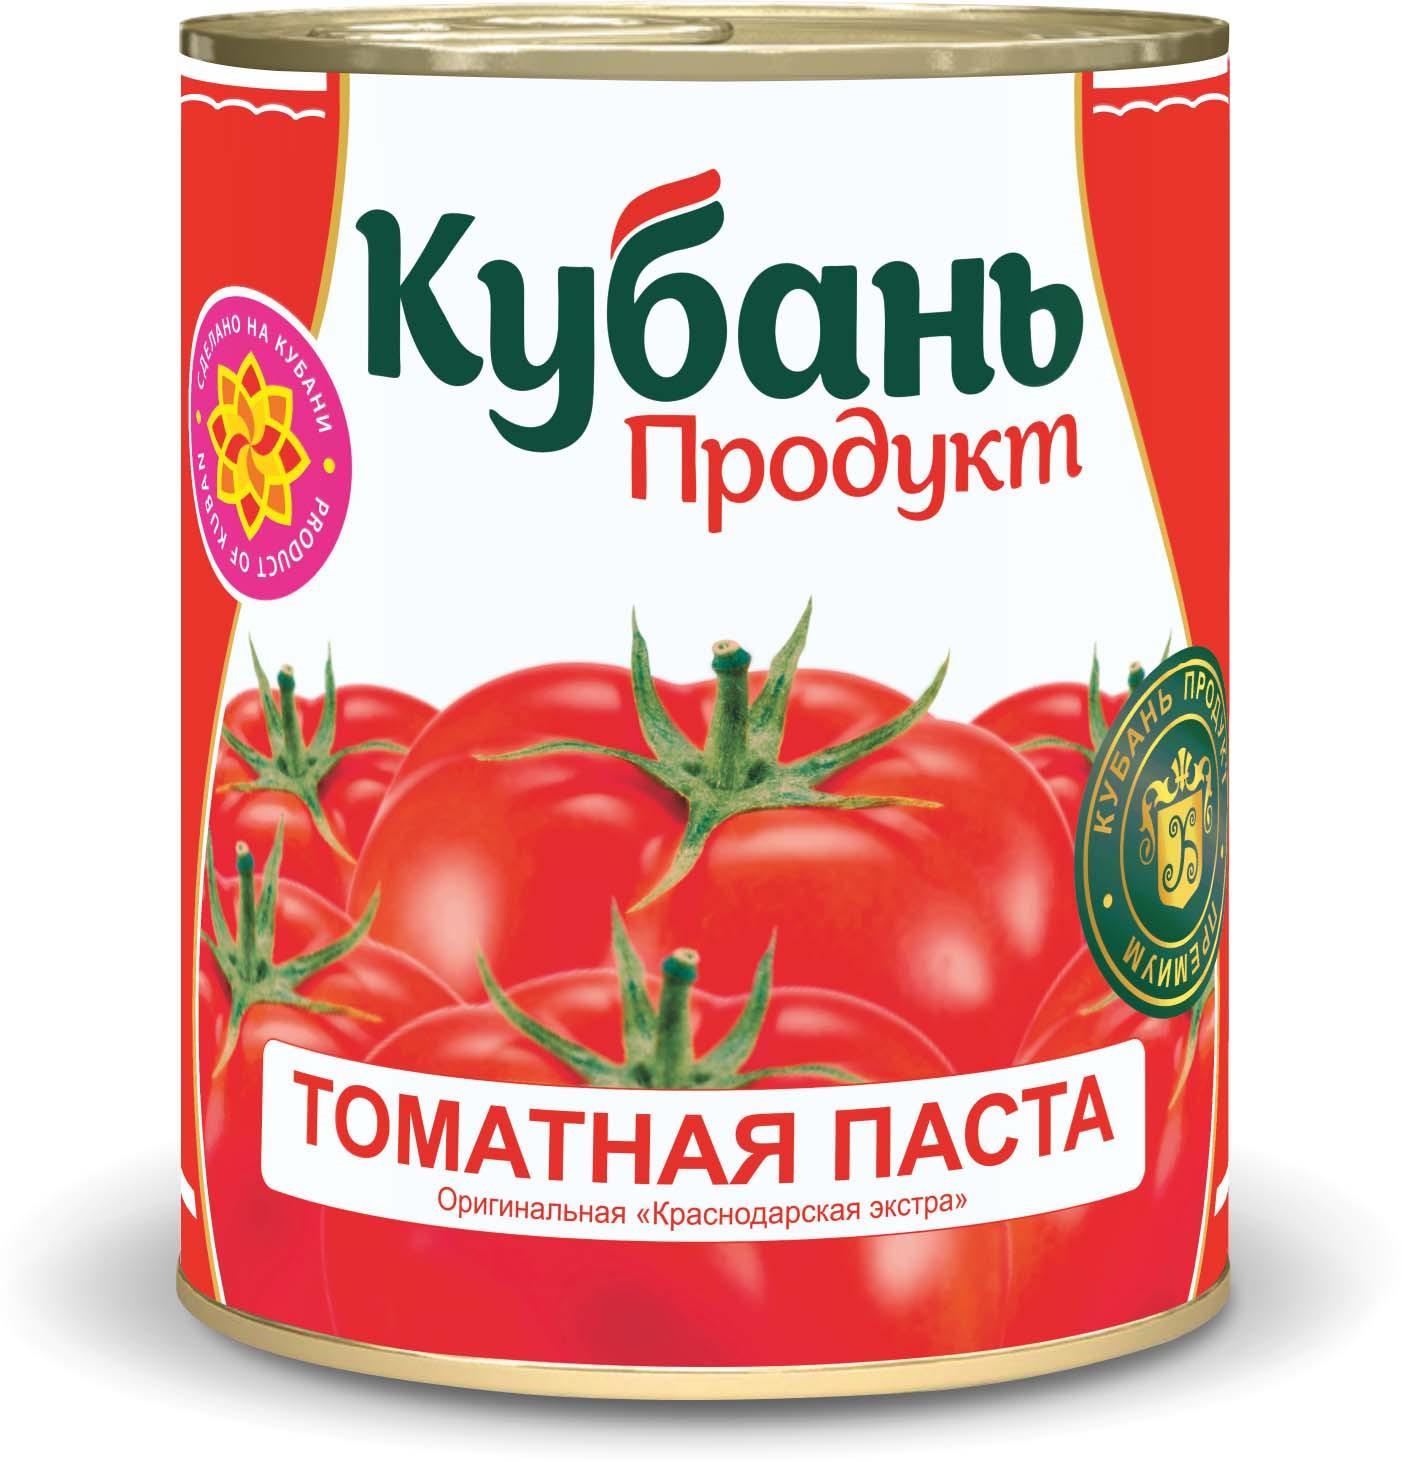 Кубань Продукт паста томатная, 380 г кубань продукт компот вишневый 1 л